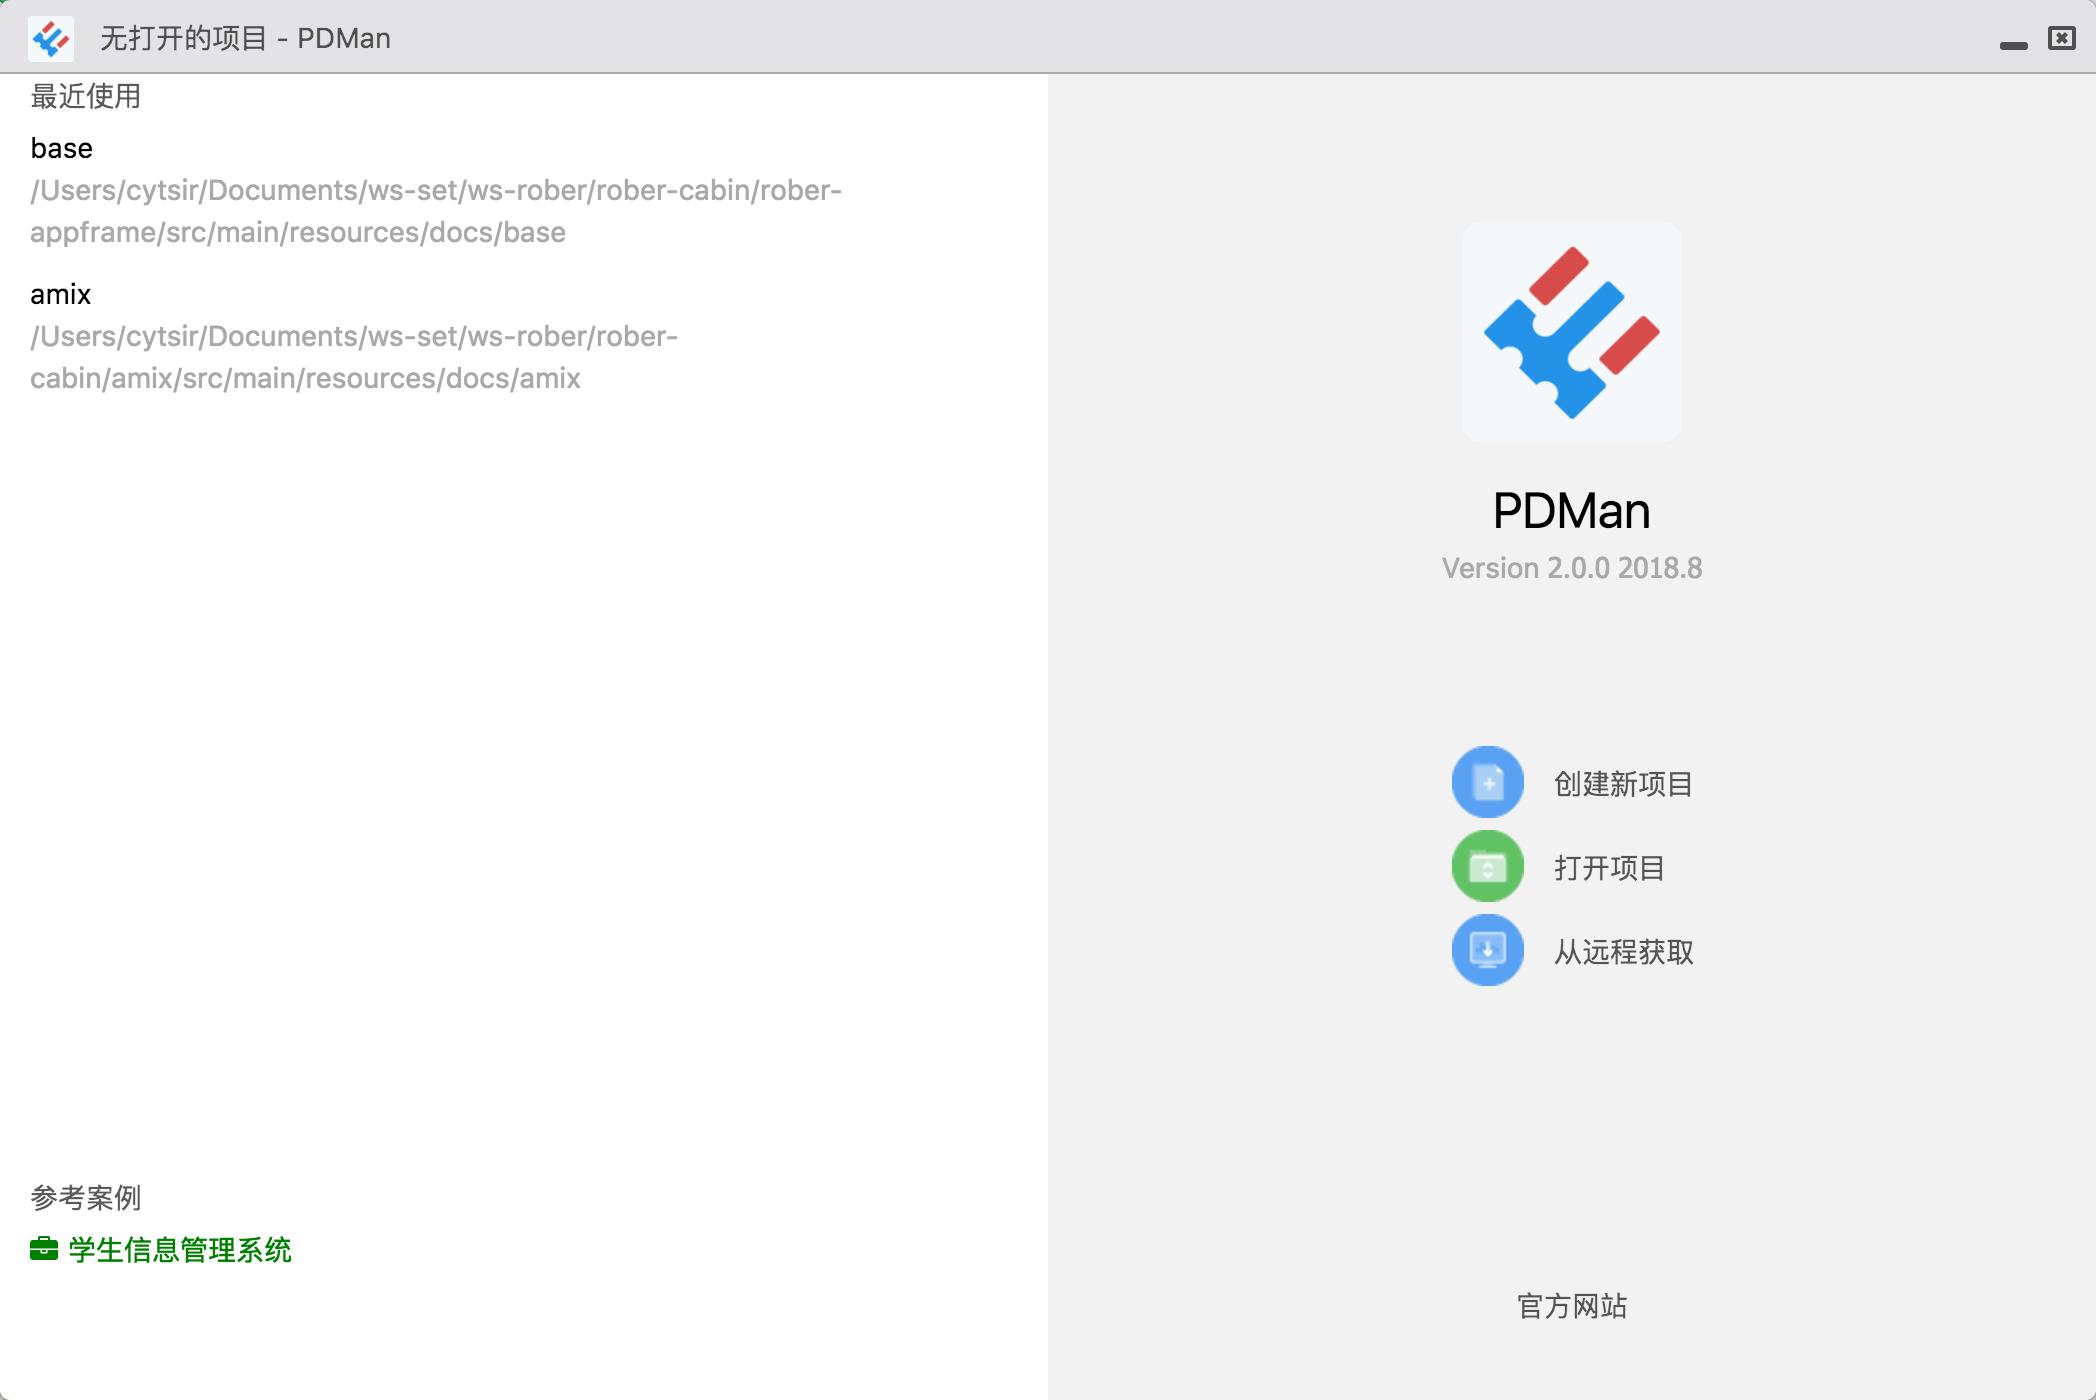 数据库建模工具 PDMan